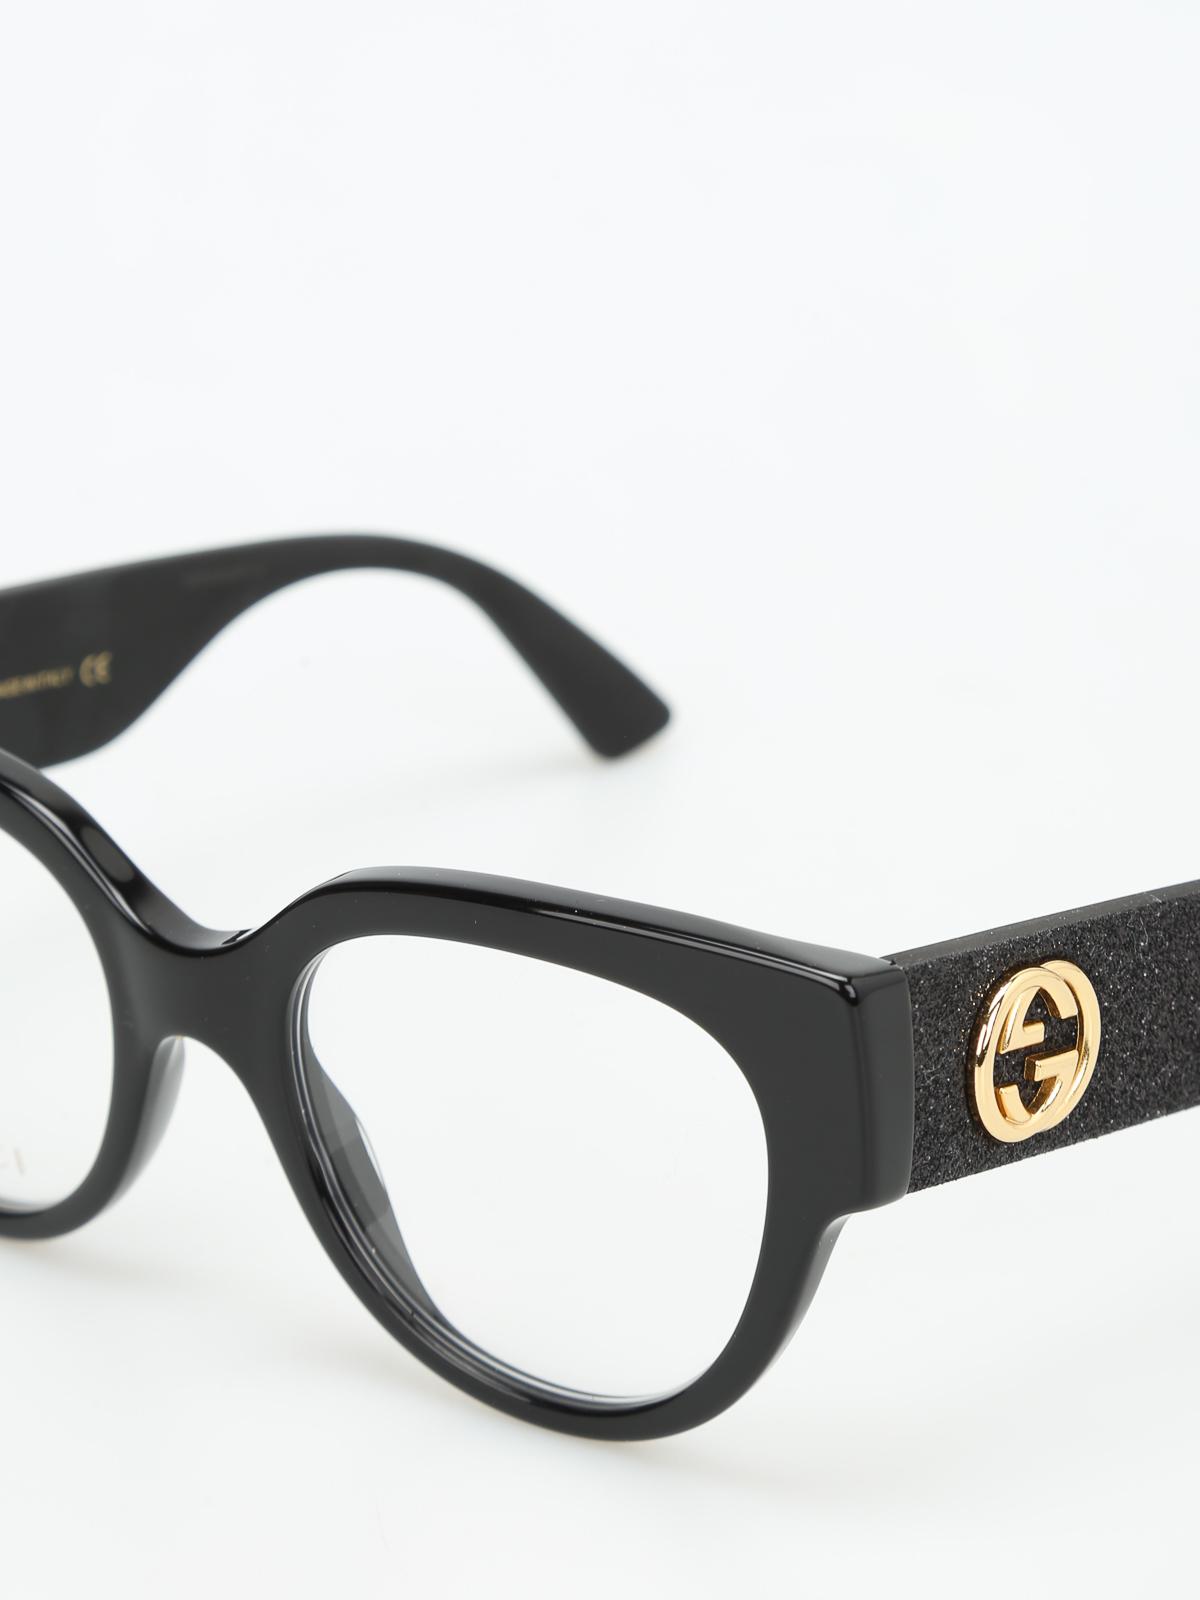 Brillen Fur Unisex - Schwarz von Gucci - Brillen | iKRIX - GG0103O1